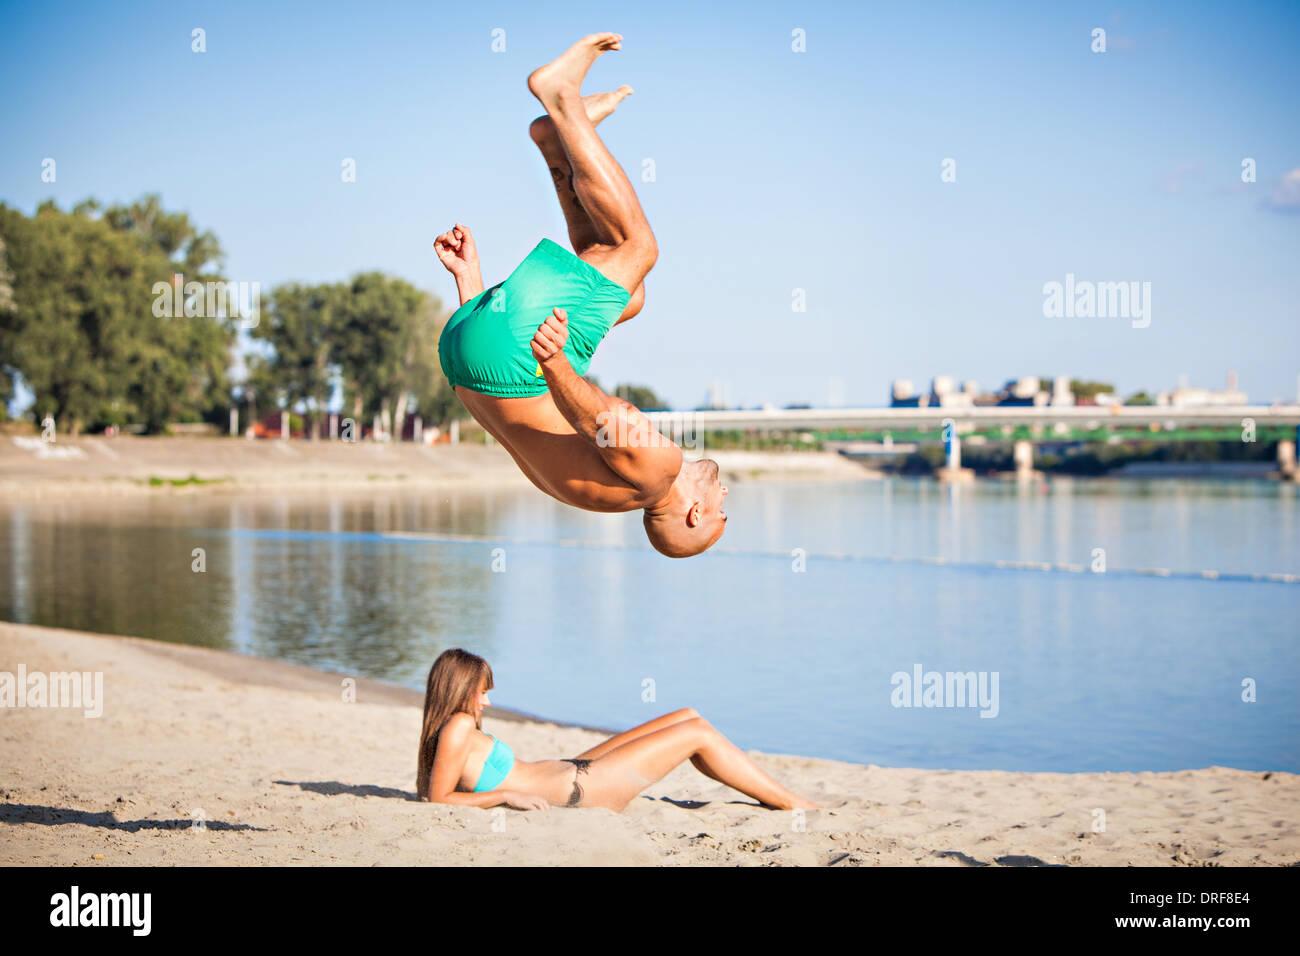 Junger Mann Saltos auf dem Strand, Drau, Osijek, Kroatien Stockbild